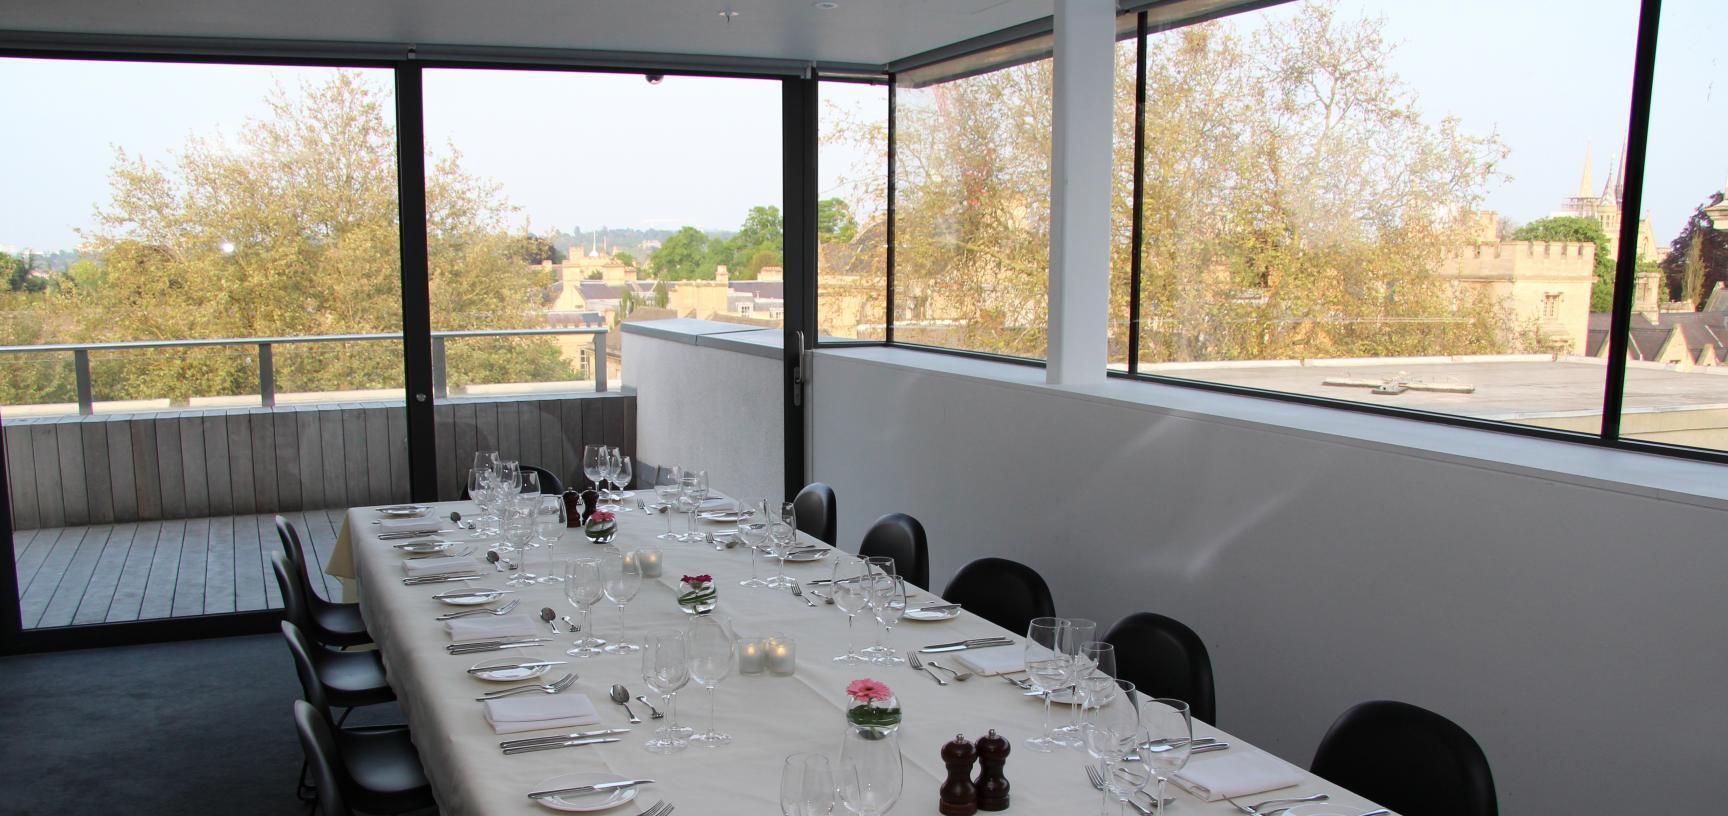 Ashmolean Venue Hire - Private Dining in the Boardroom